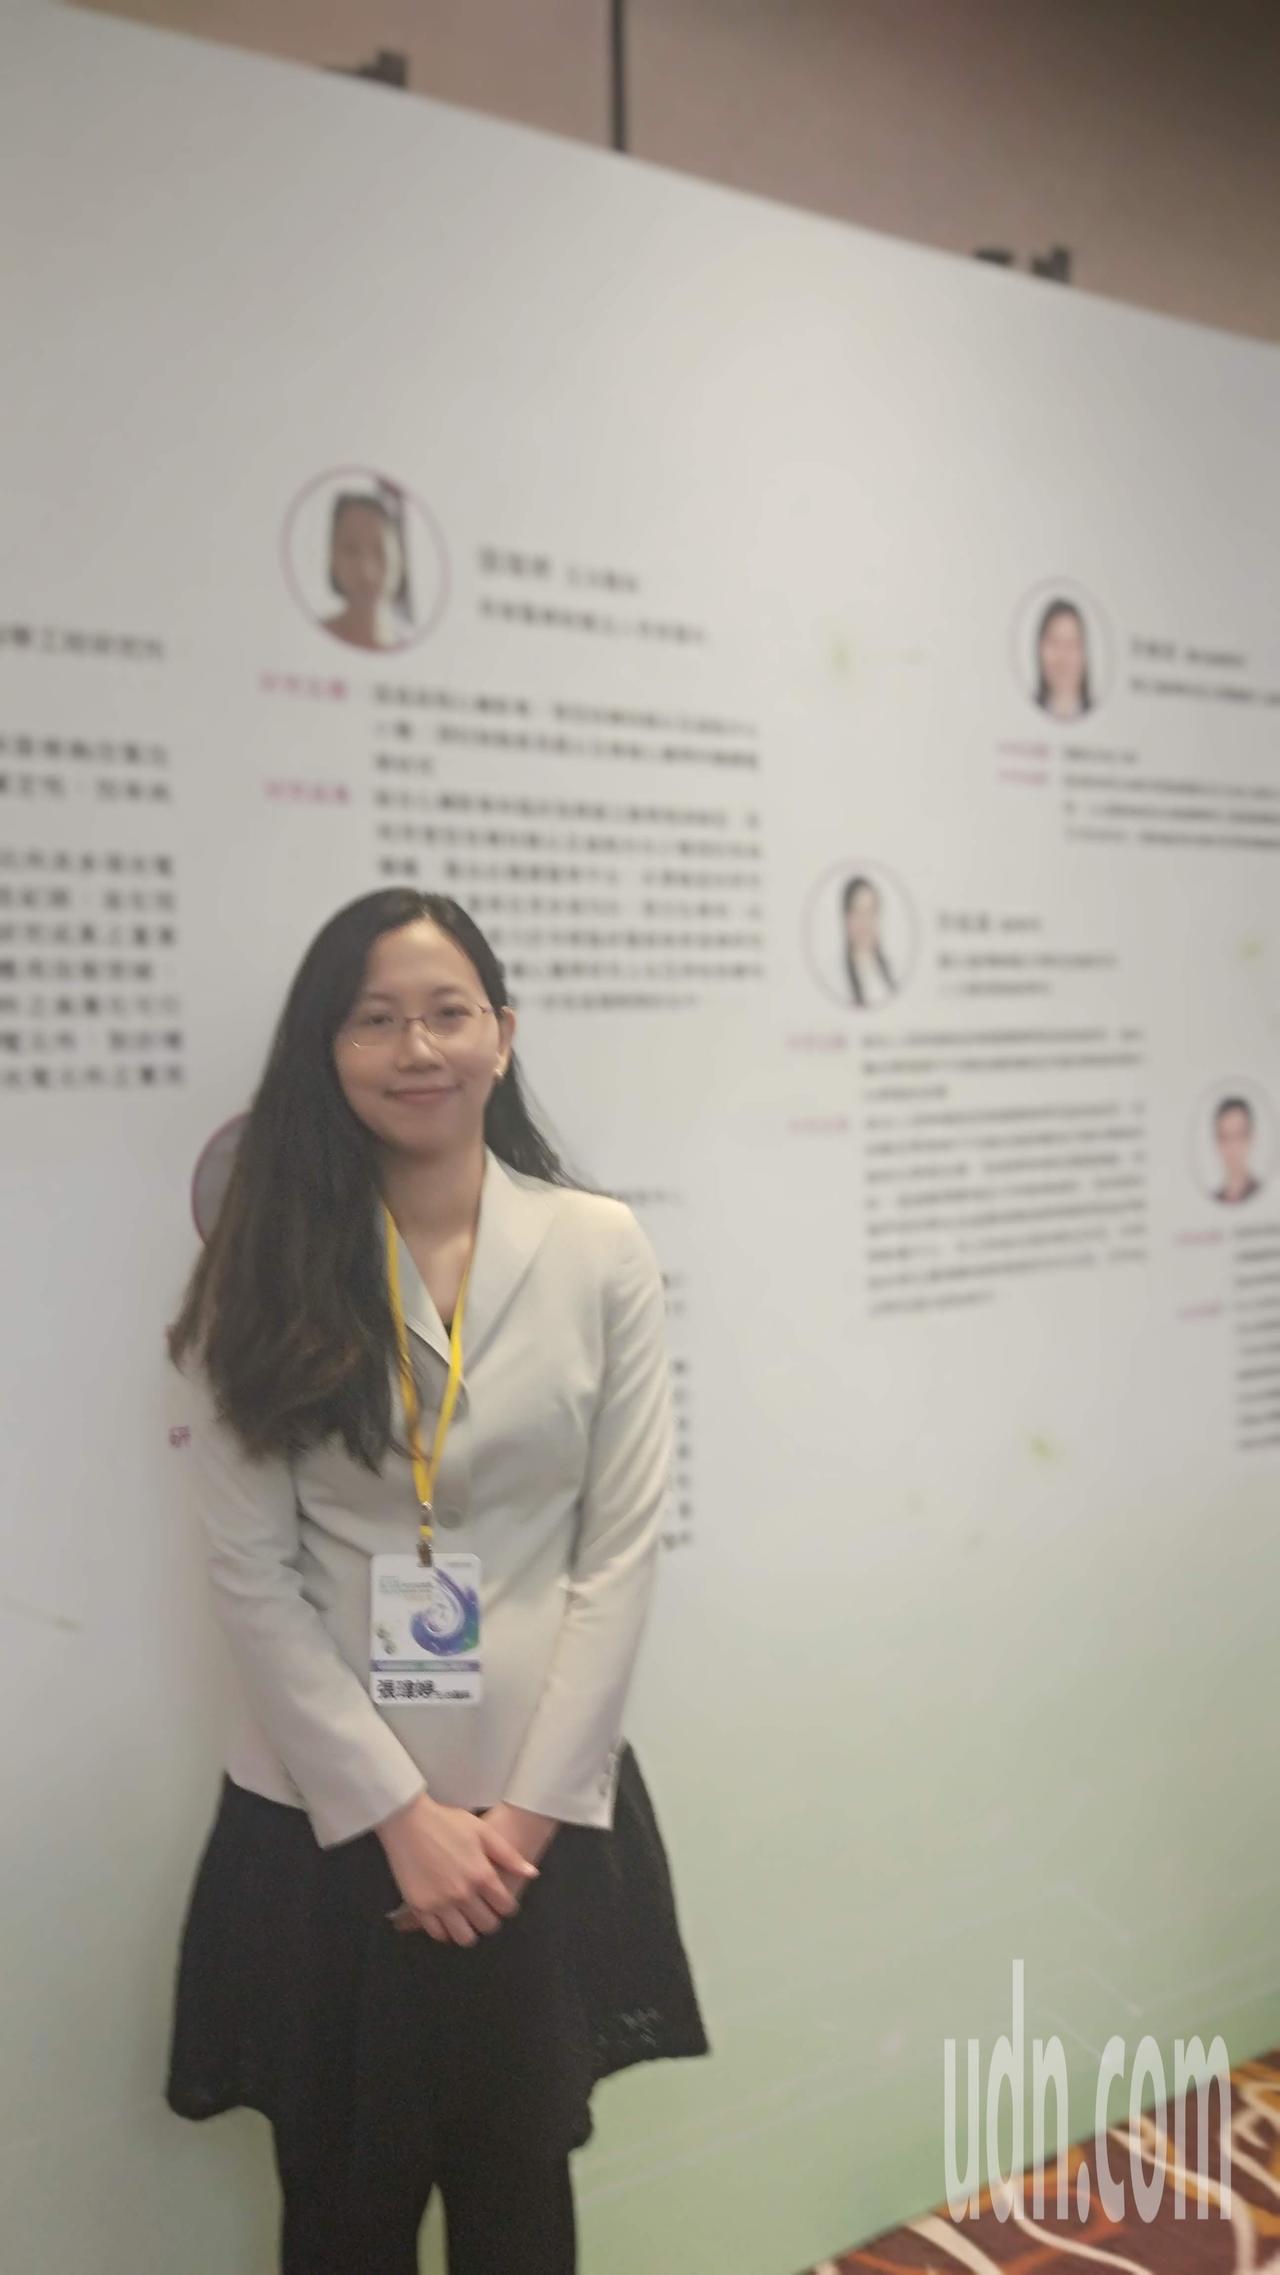 獲頒今年吳大猷先生紀念獎之一的奇美醫院主治醫師張瑋婷已育有2個孩子,最大的才1歲...